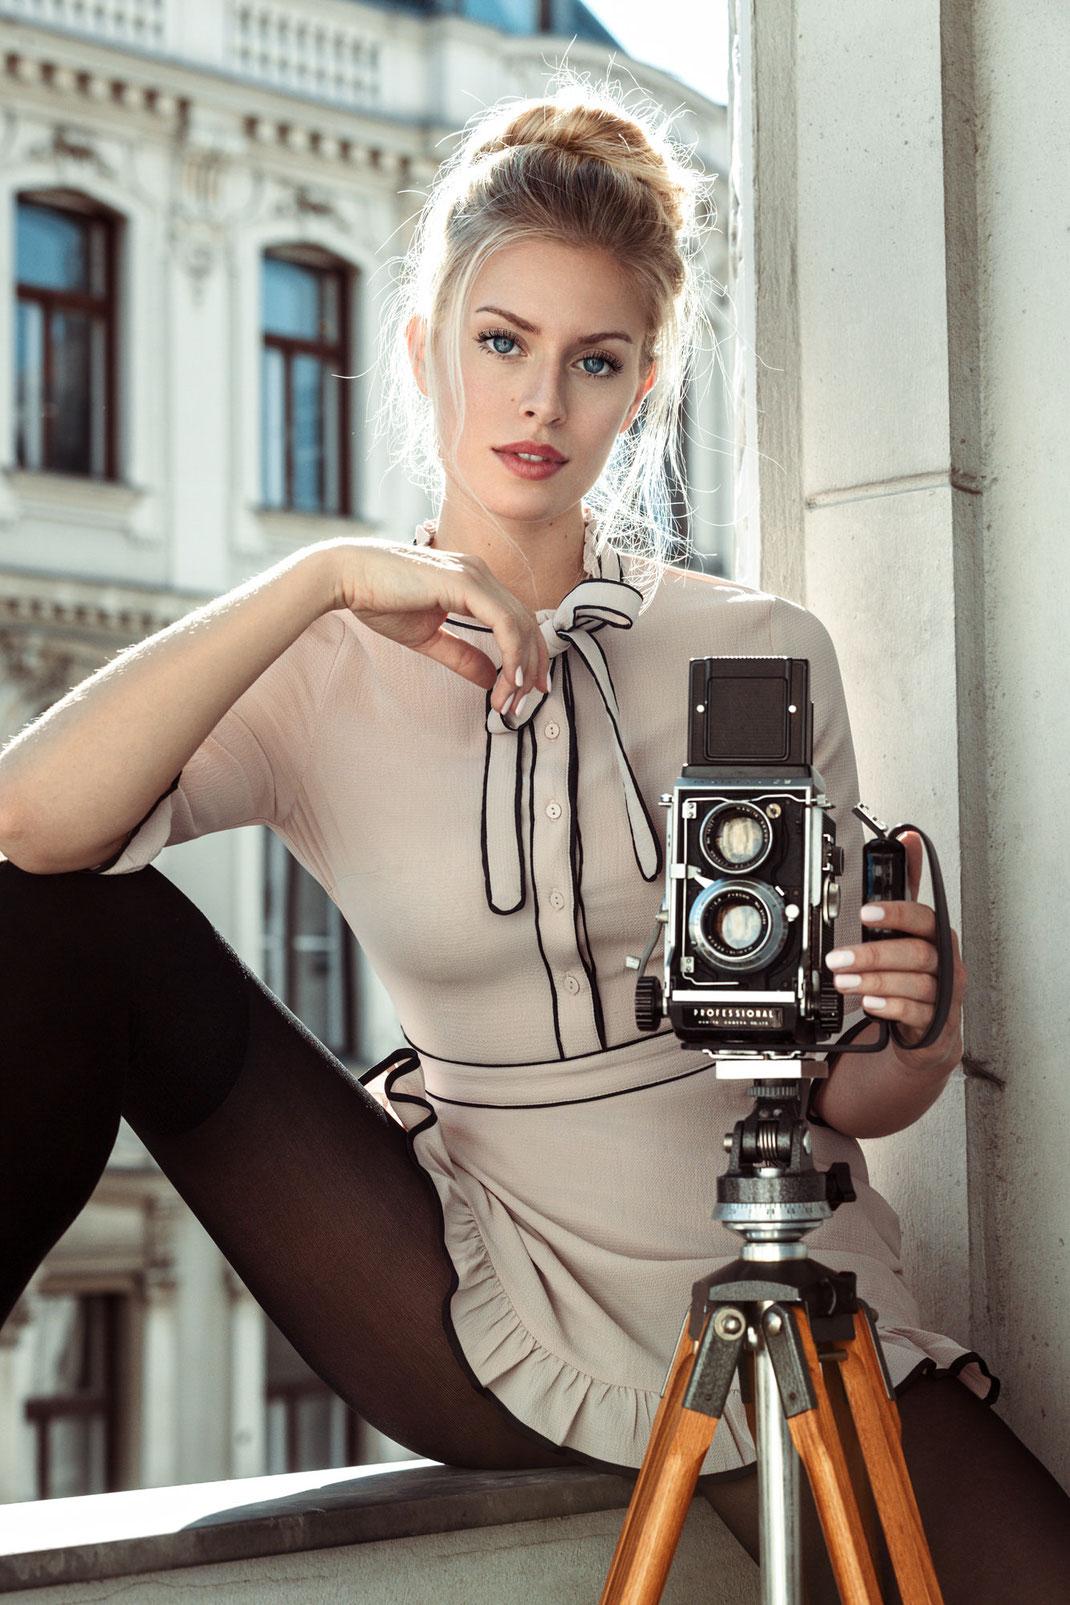 Two Beauties - Lisa & Mamiya C3 Professional on Berlebach Tripod - Markus Hertzsch - Camera - Girl